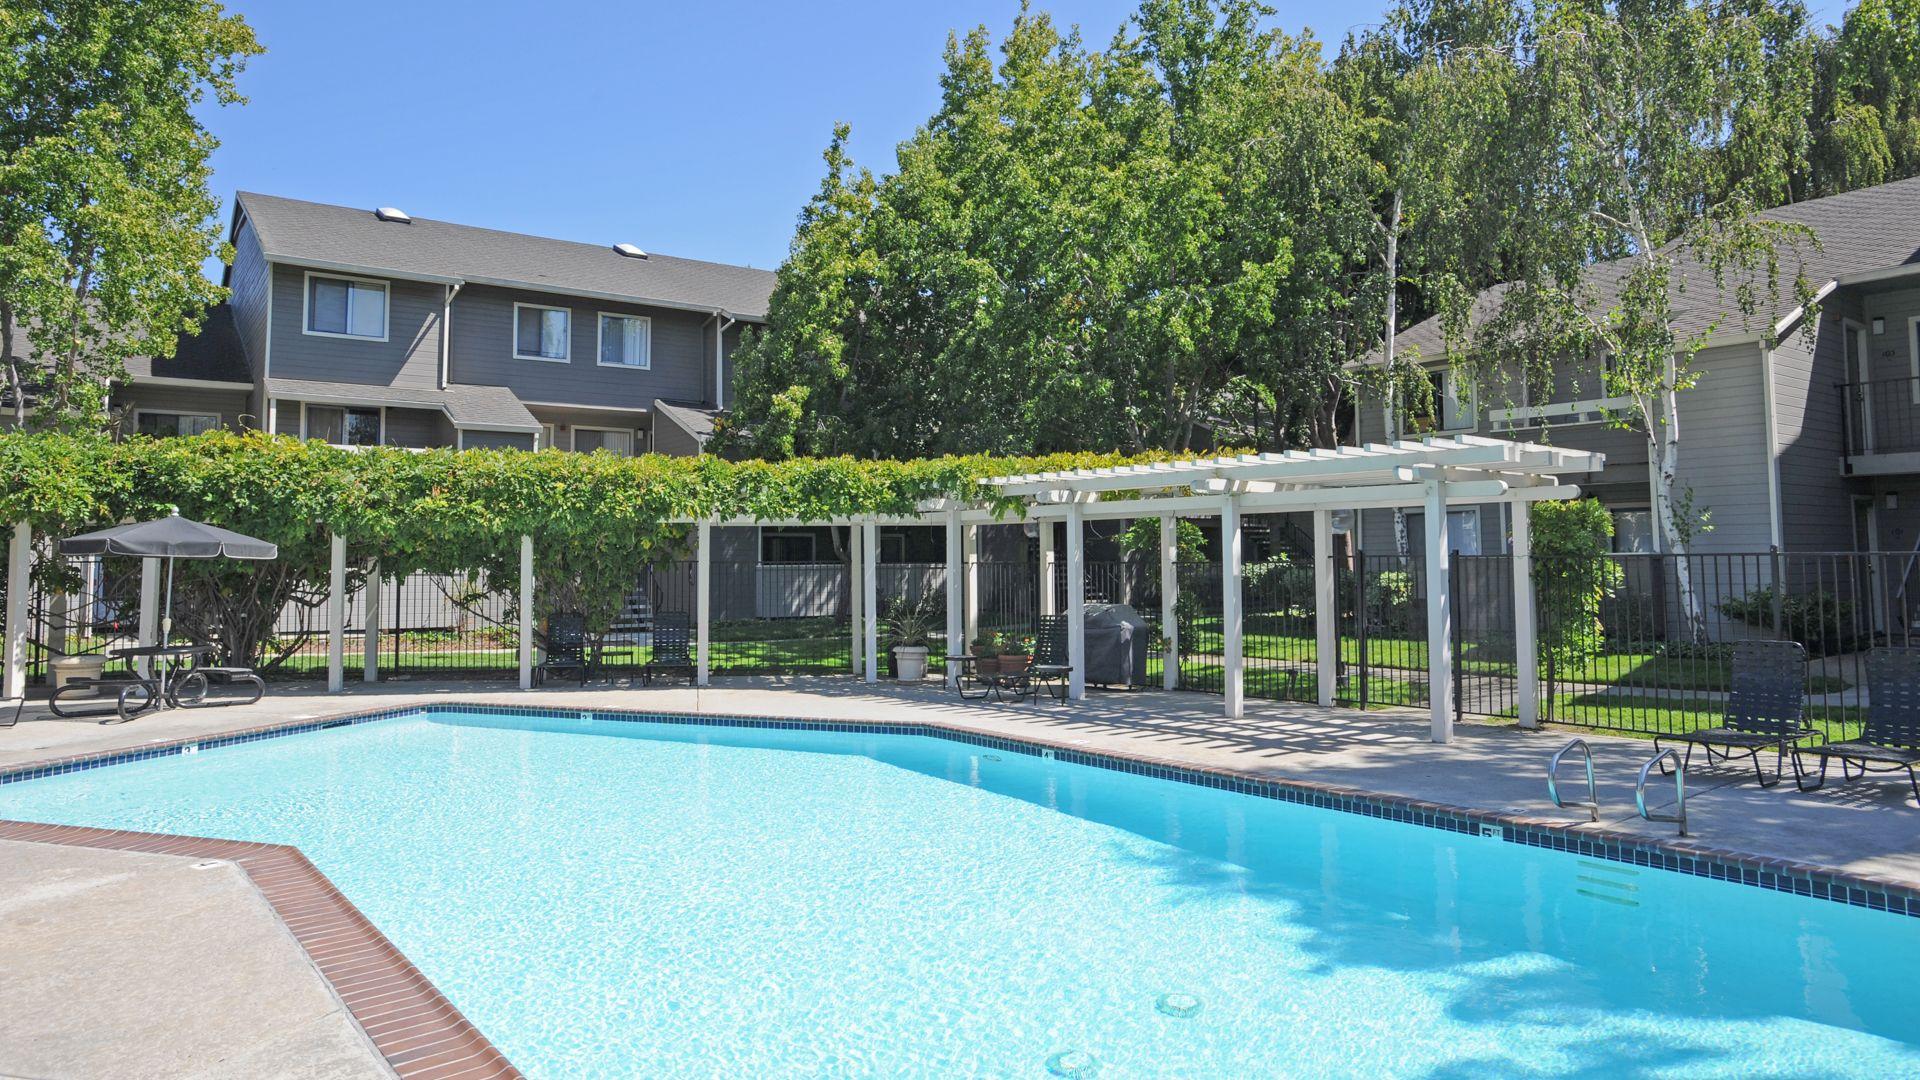 Briarwood Apartments - Pool